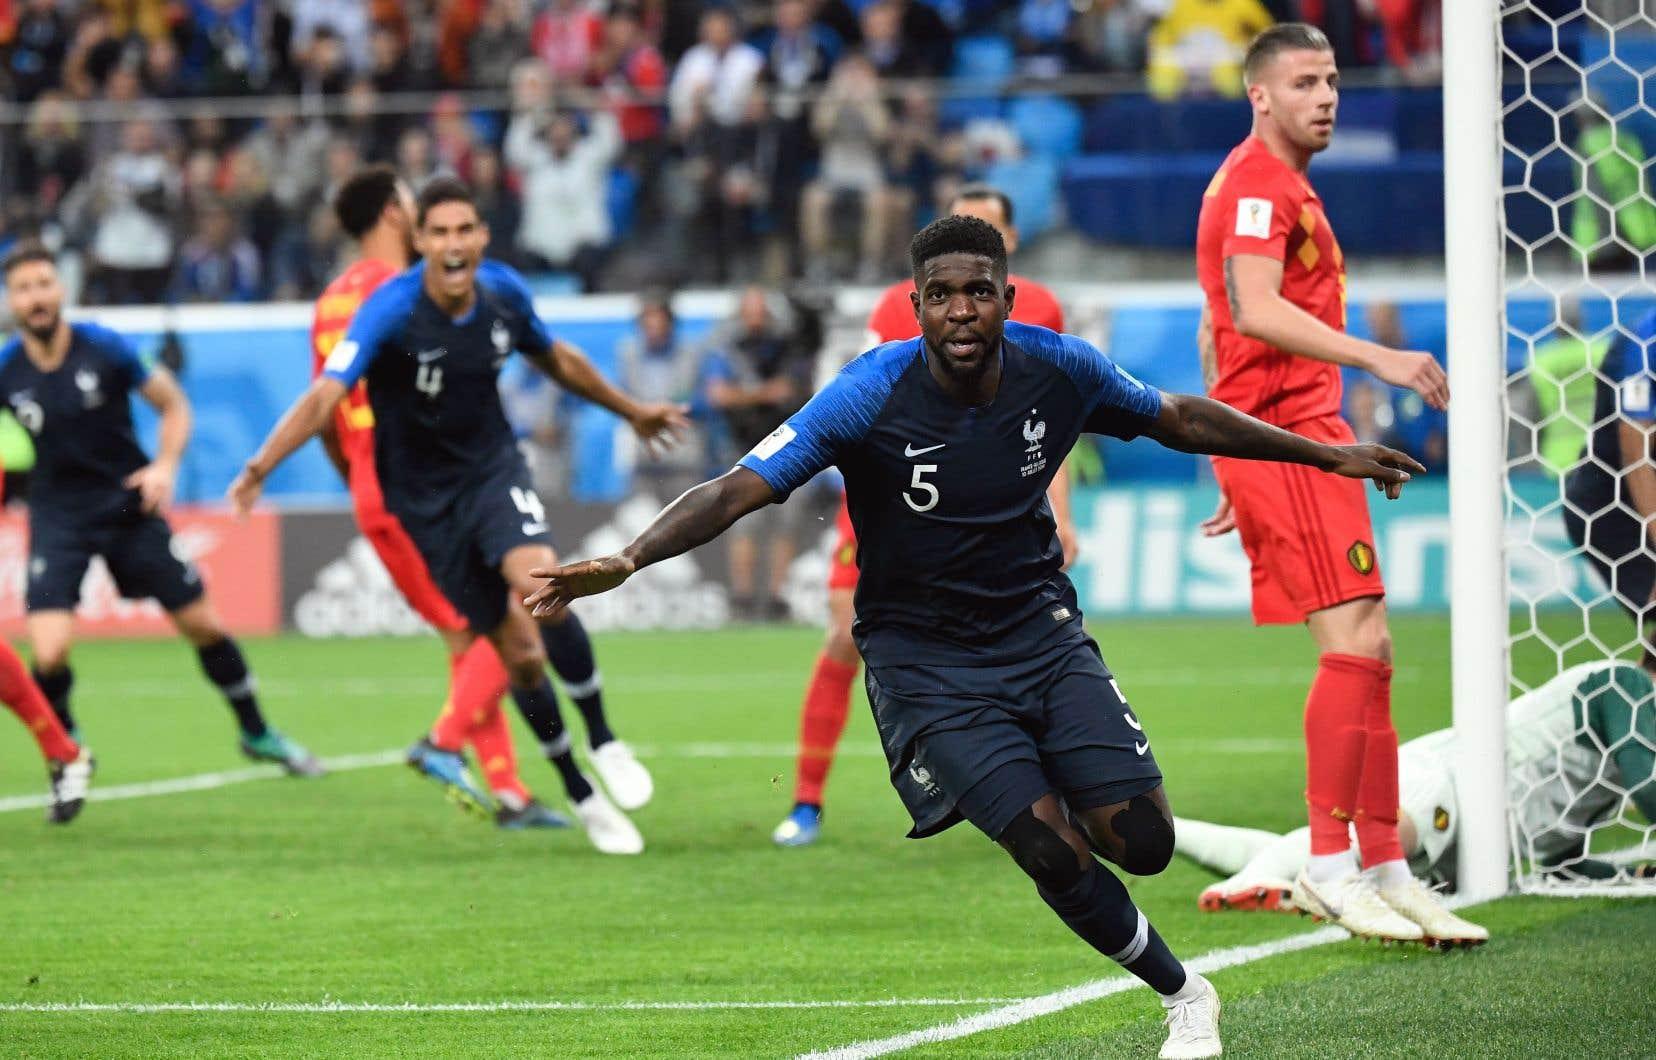 Le défenseur des Bleus Samuel Umtiti célèbre le but marqué contre la Belgique, le seul du match, assurant à la France une place en finale.